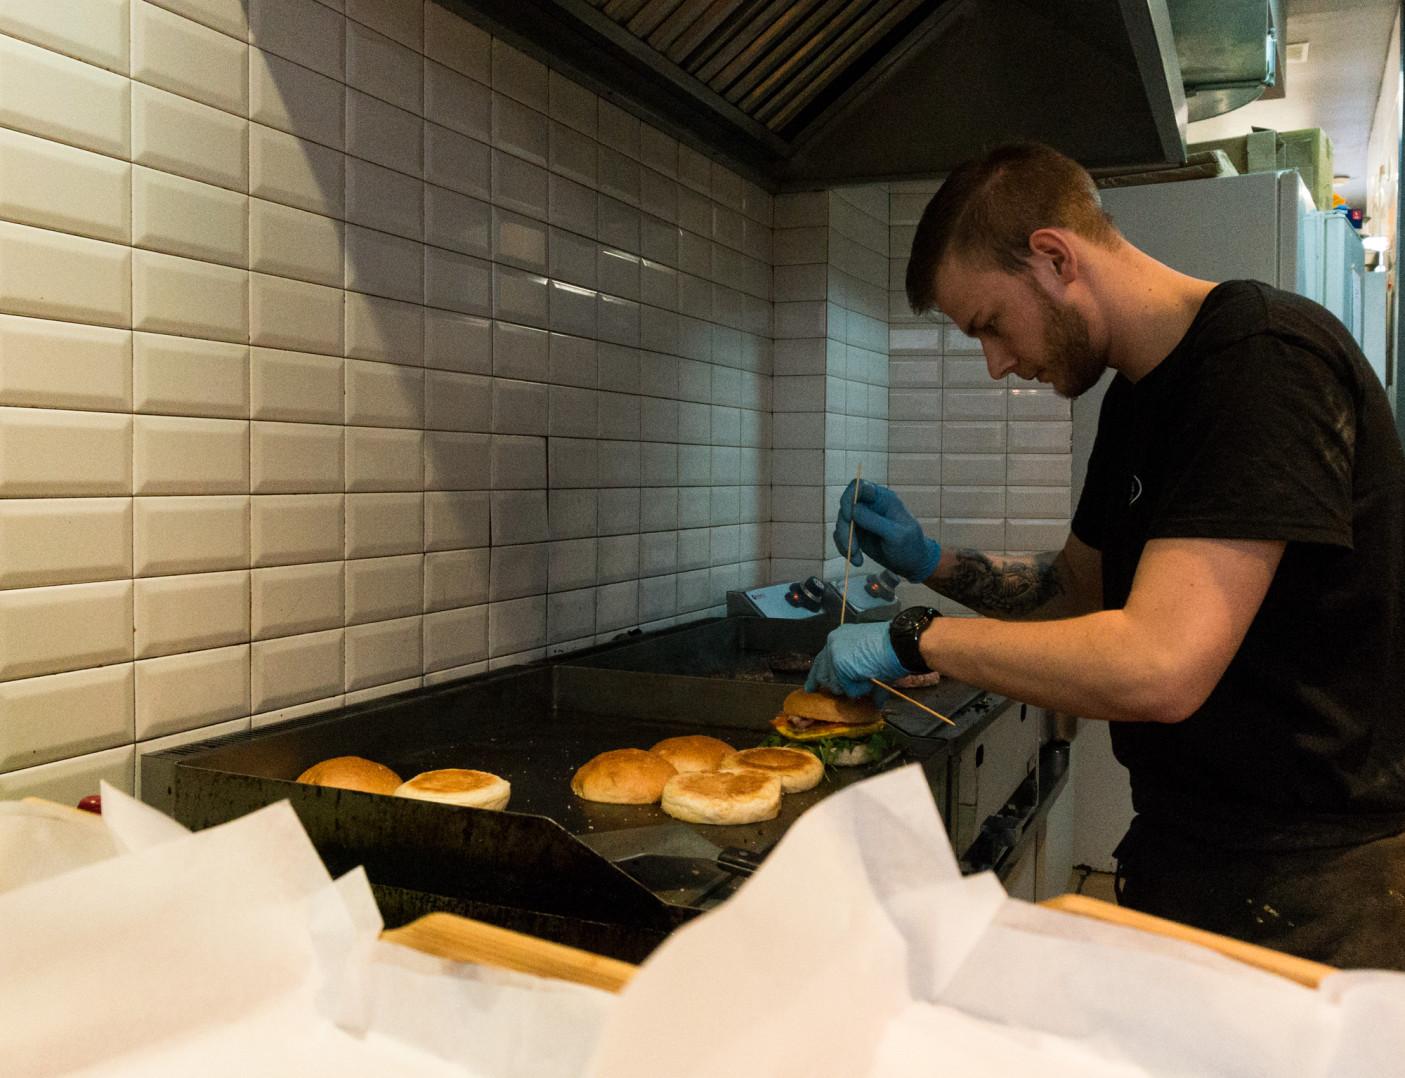 Kuchnia jest otwarta i każdy może podejrzeć, jak jego burger nabiera kształtów, warstw, kolorów, czy czegokolwiek z czym burgera zamówił.